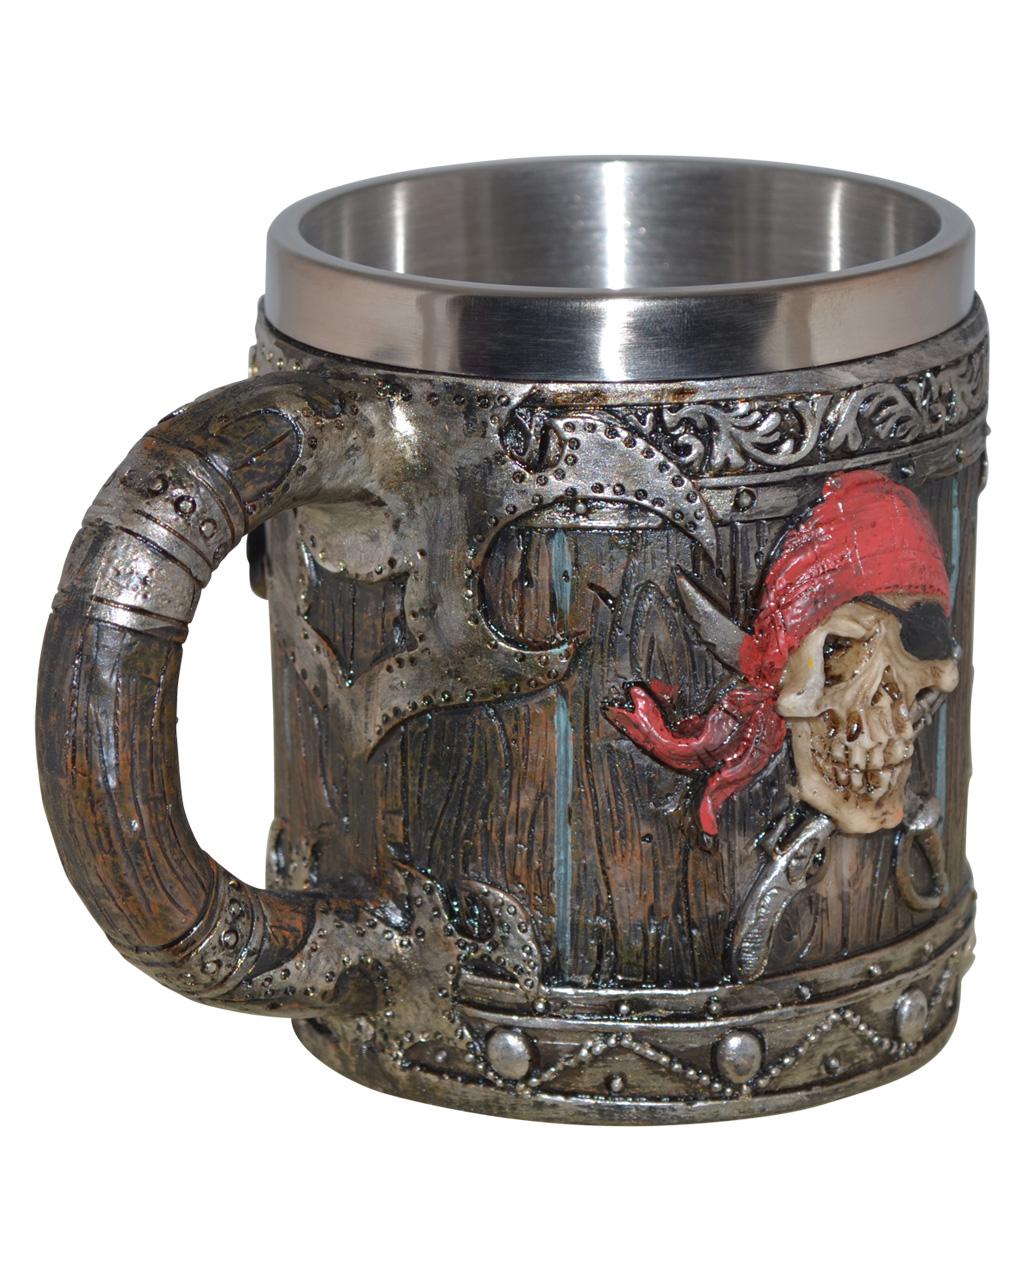 Crusader 95 Motif non-Stick METAL Mug